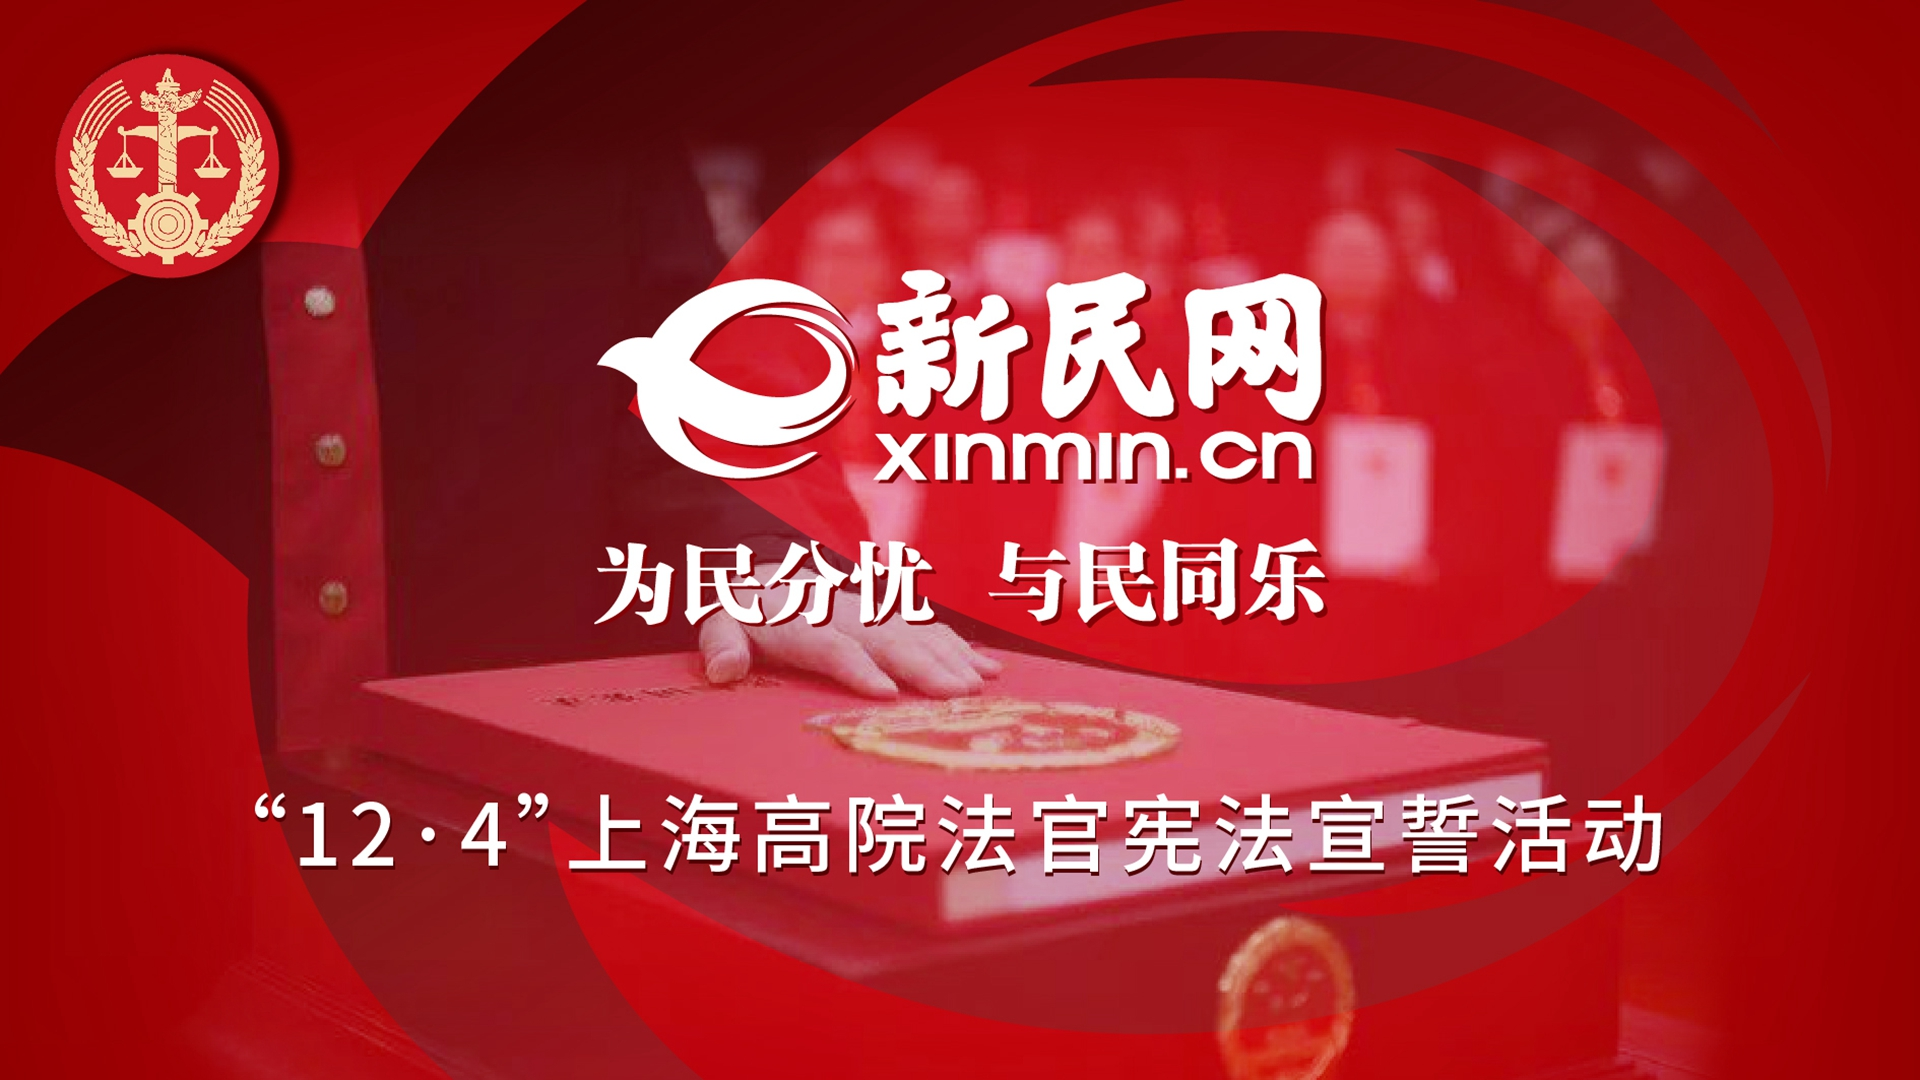 [直播结束] 上海高院法官宪法宣誓